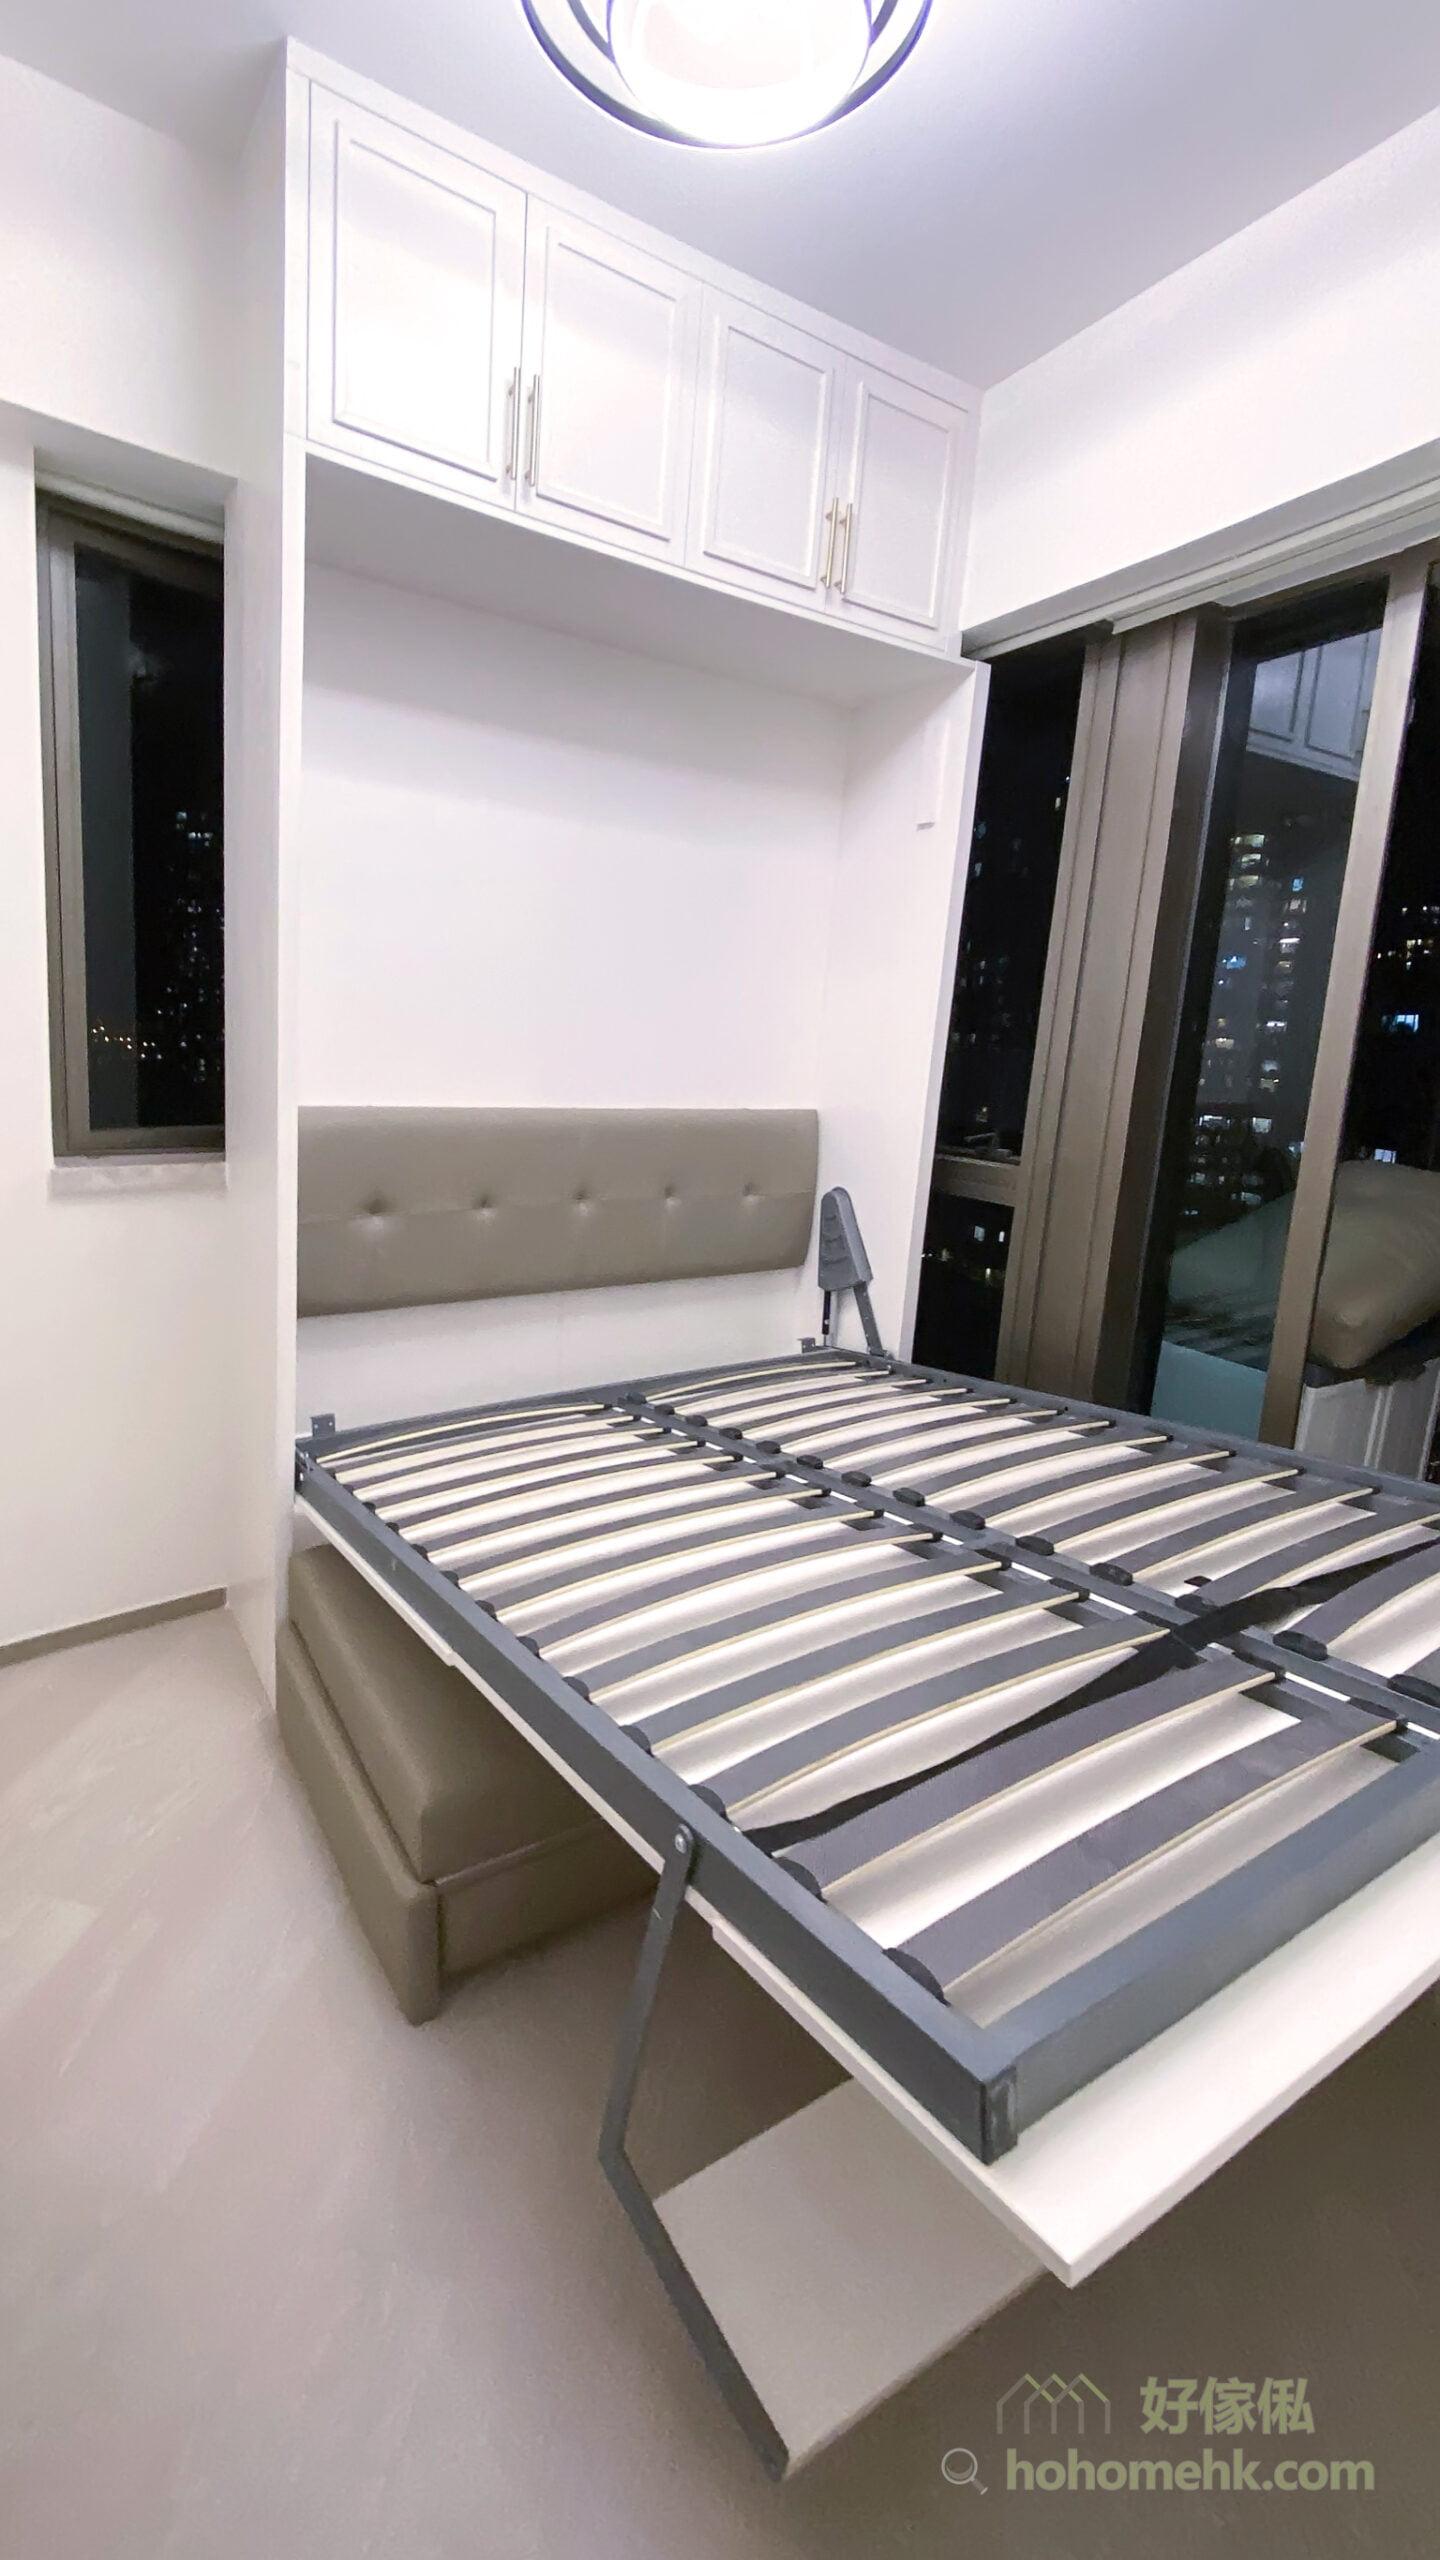 電動變形直翻床/沙發床, 書架做支撐, 受力面積大, 核心更穩重